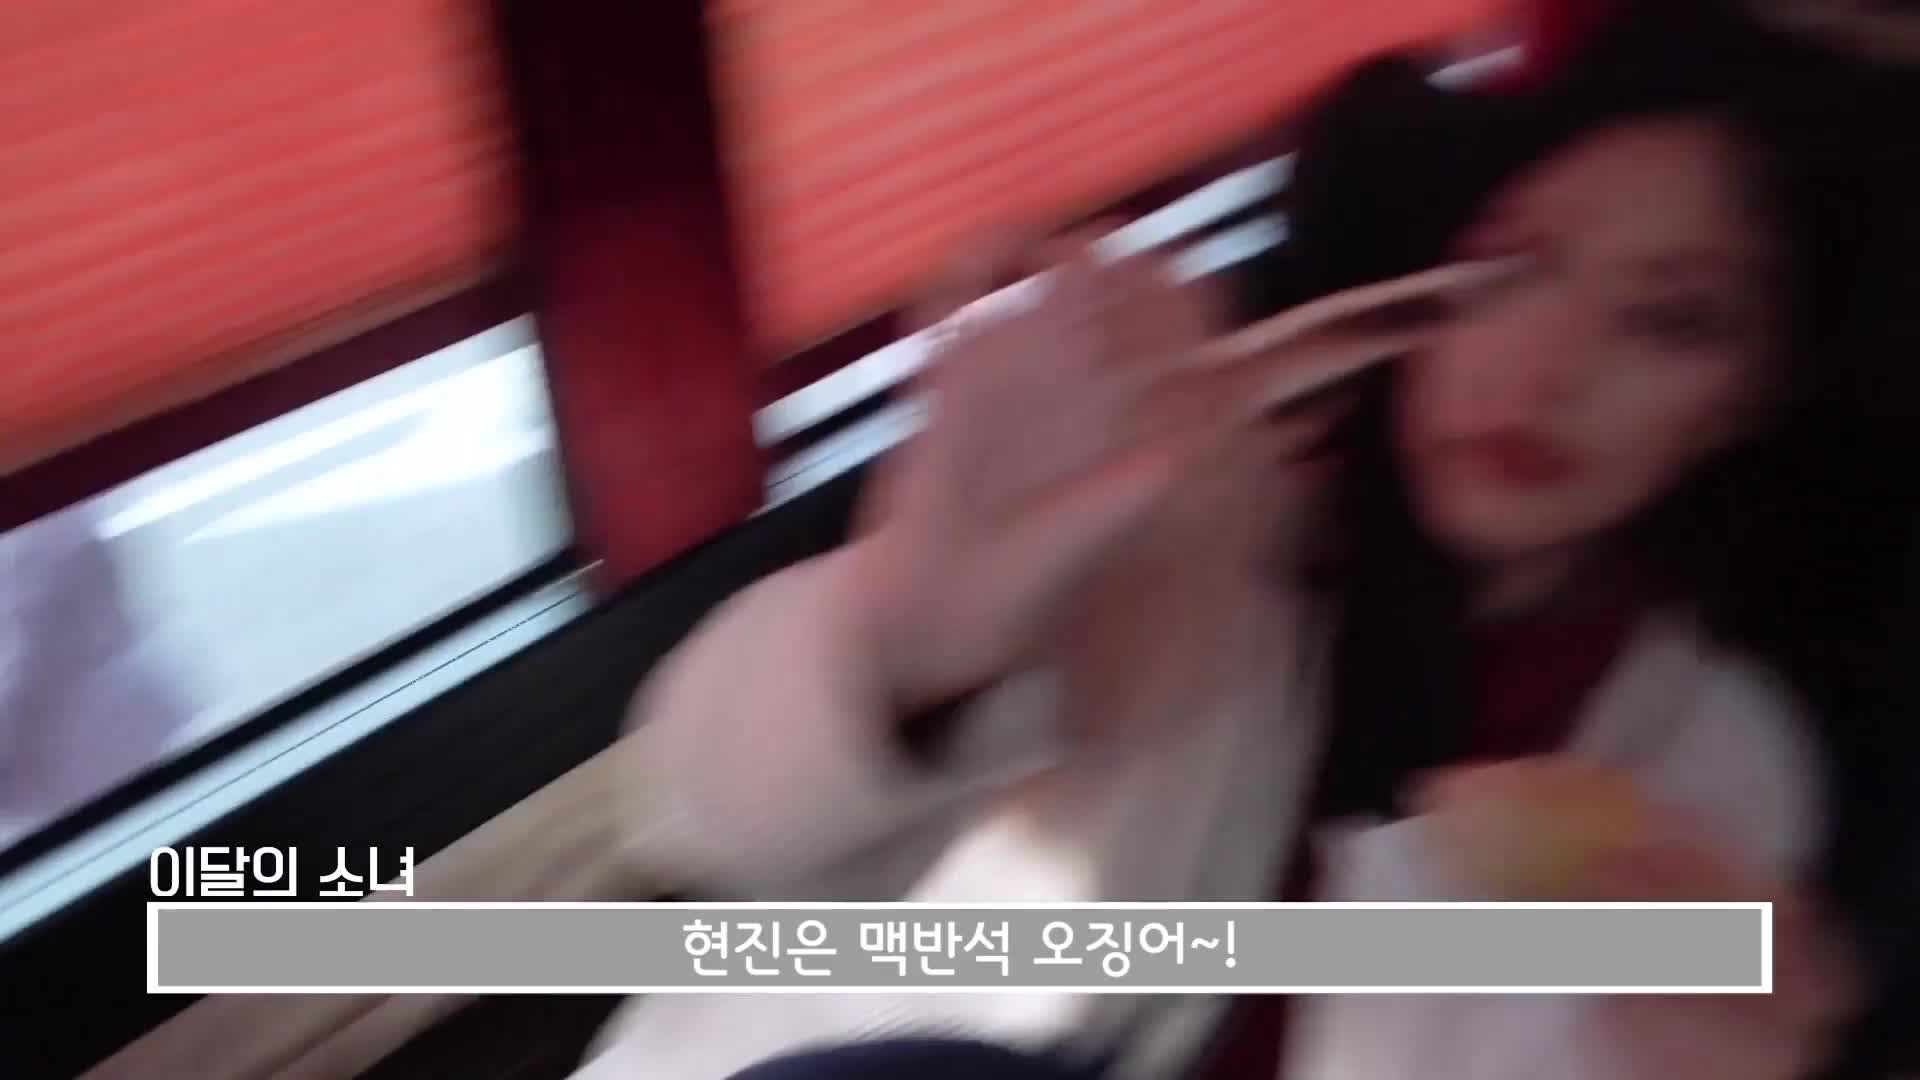 이달의소녀탐구 #523 (LOONA TV #523) 4 GIFs